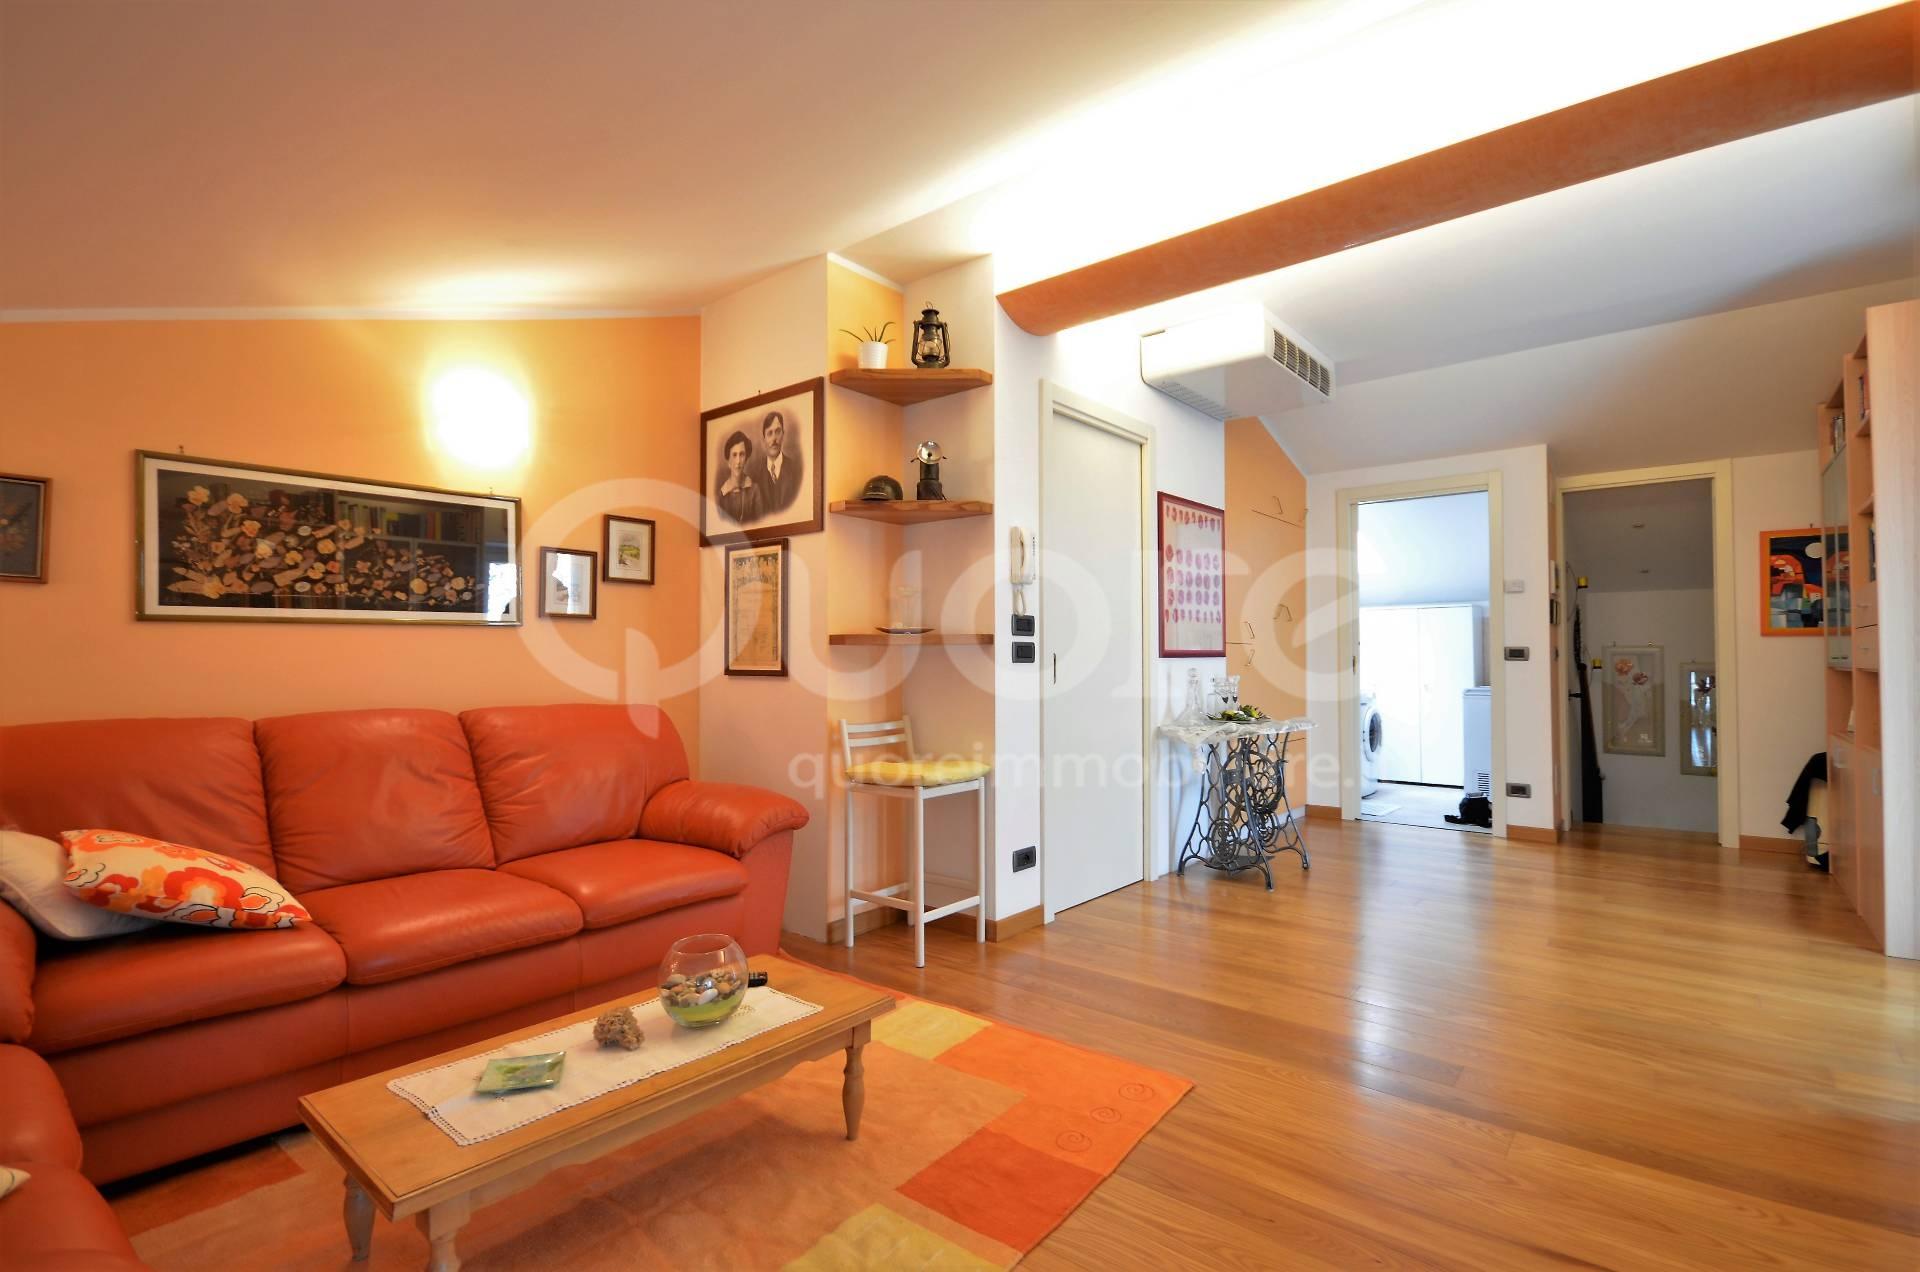 Soluzione Indipendente in vendita a Povoletto, 10 locali, zona Zona: Ravosa, prezzo € 215.000 | CambioCasa.it